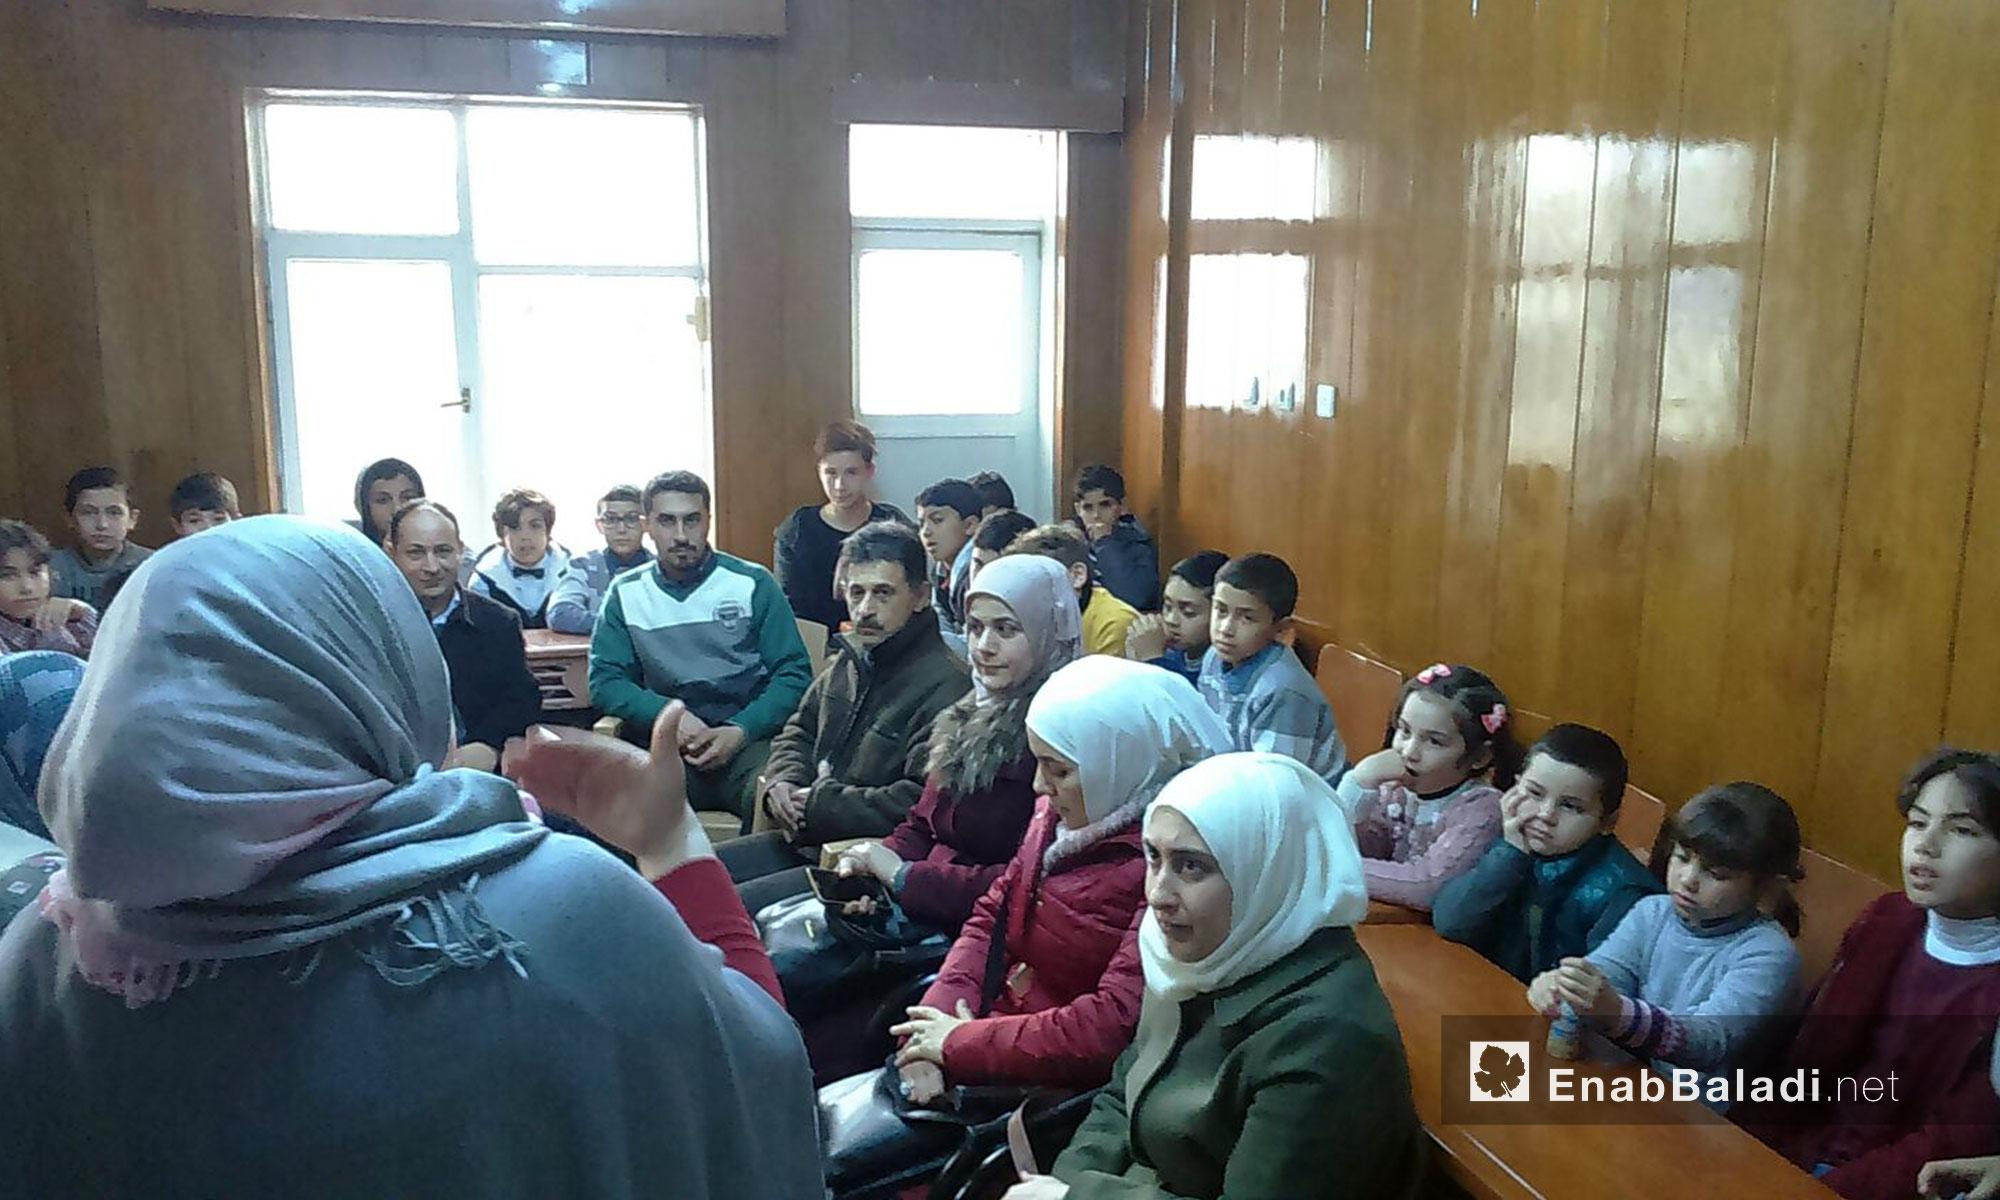 سوريون وأتراك يشاركون في مسرحية للعرائس بأورفة التركية - 28 شباط 2018 (عنب بلدي)